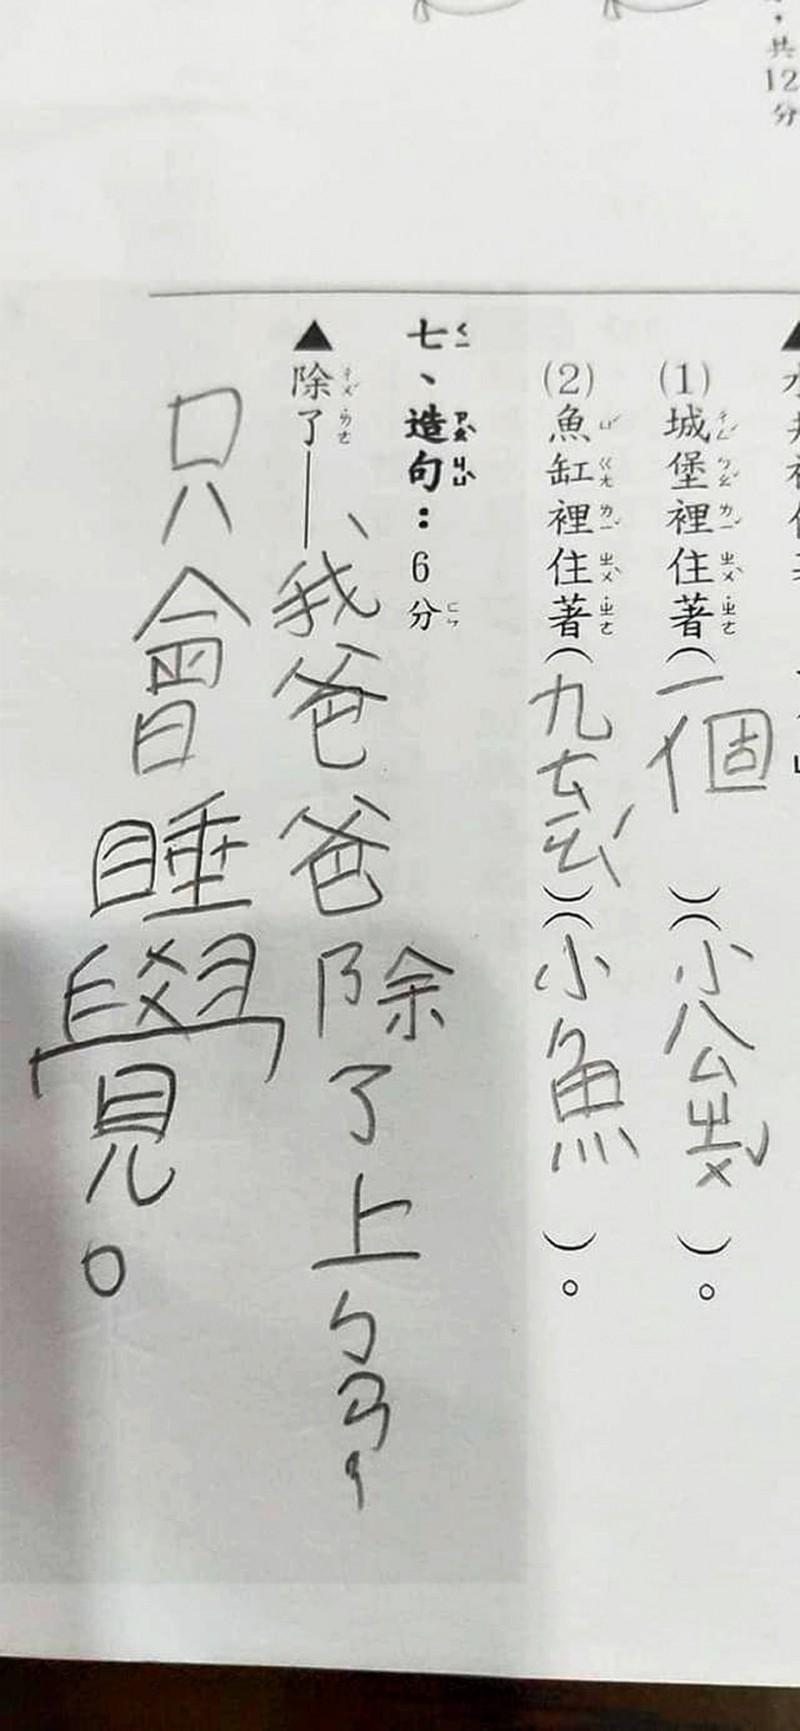 擔任消防人員的郭寶父親節感觸深,因7歲的兒子造句,寫出心目中的爸爸,除了工作只會睡覺,讓郭寶哭笑不得。(郭寶提供)